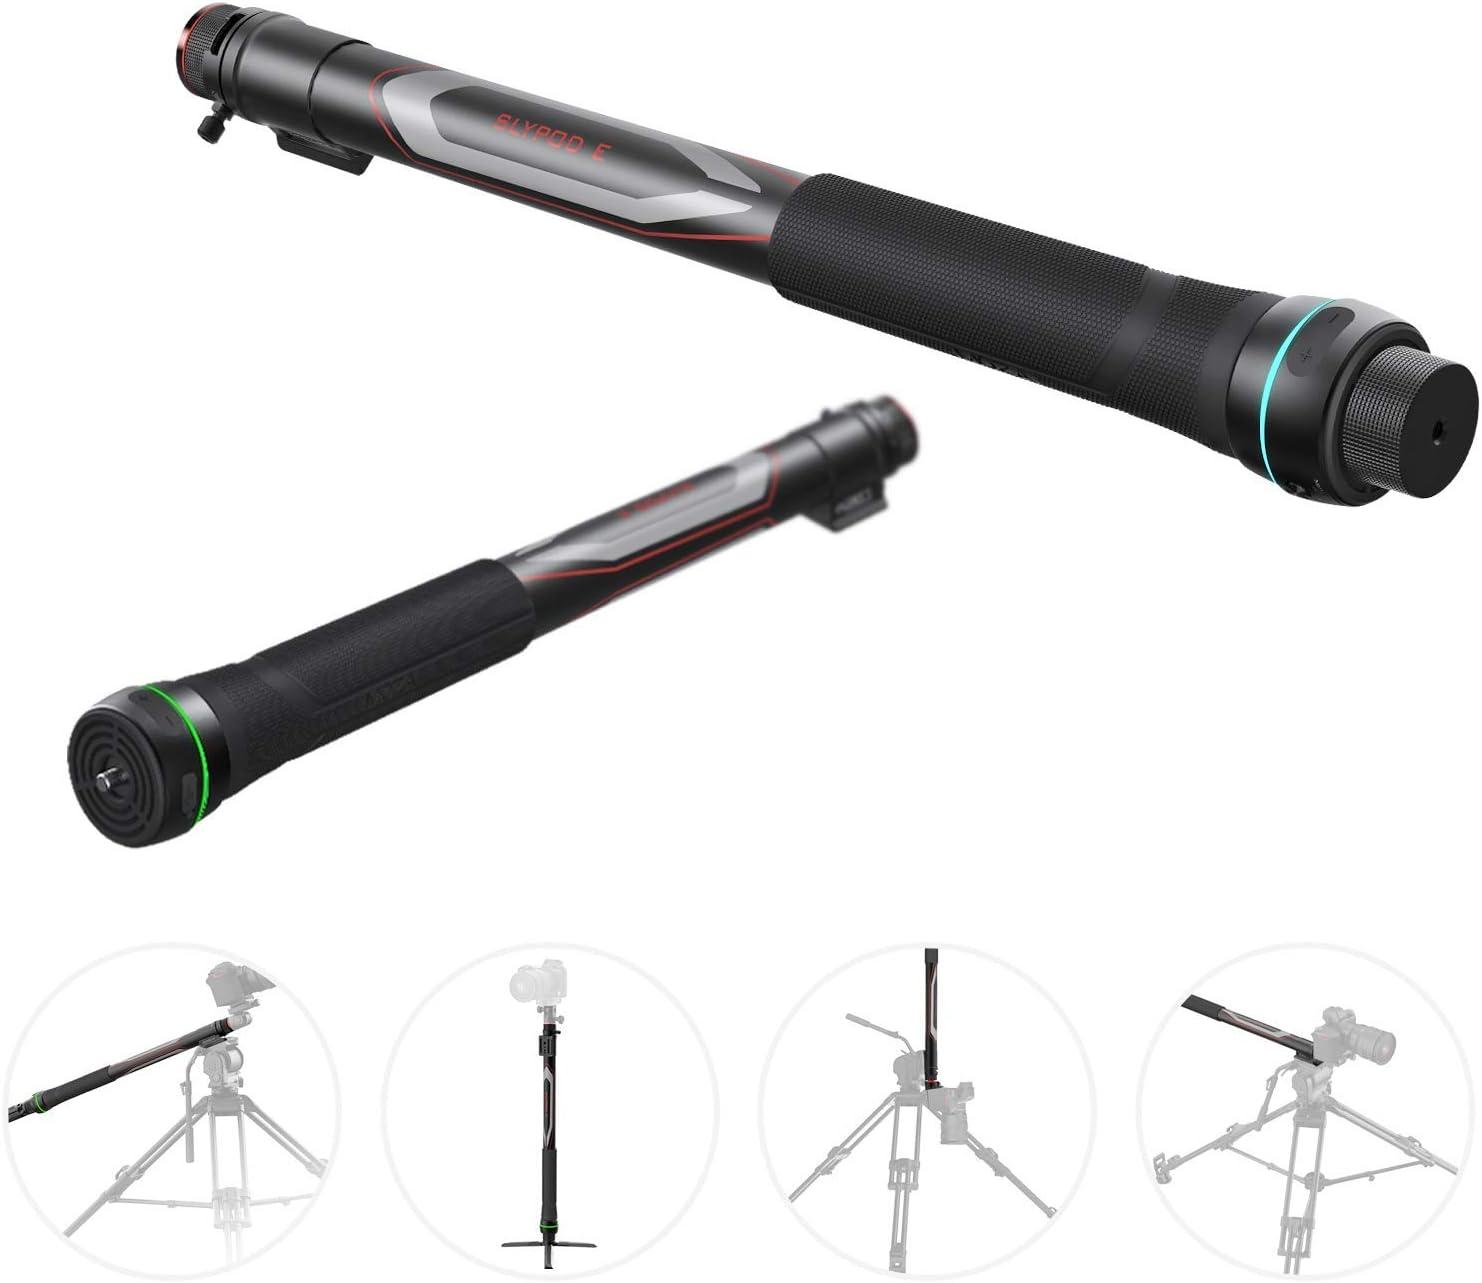 MOZA Slypod E Monopod Motorizado Reinvent Motion Slider Control de velocidad y posición precisos Carga útil vertical de 40 libras para cámara DSLR / SLR Estabilizador de cardán con trípode